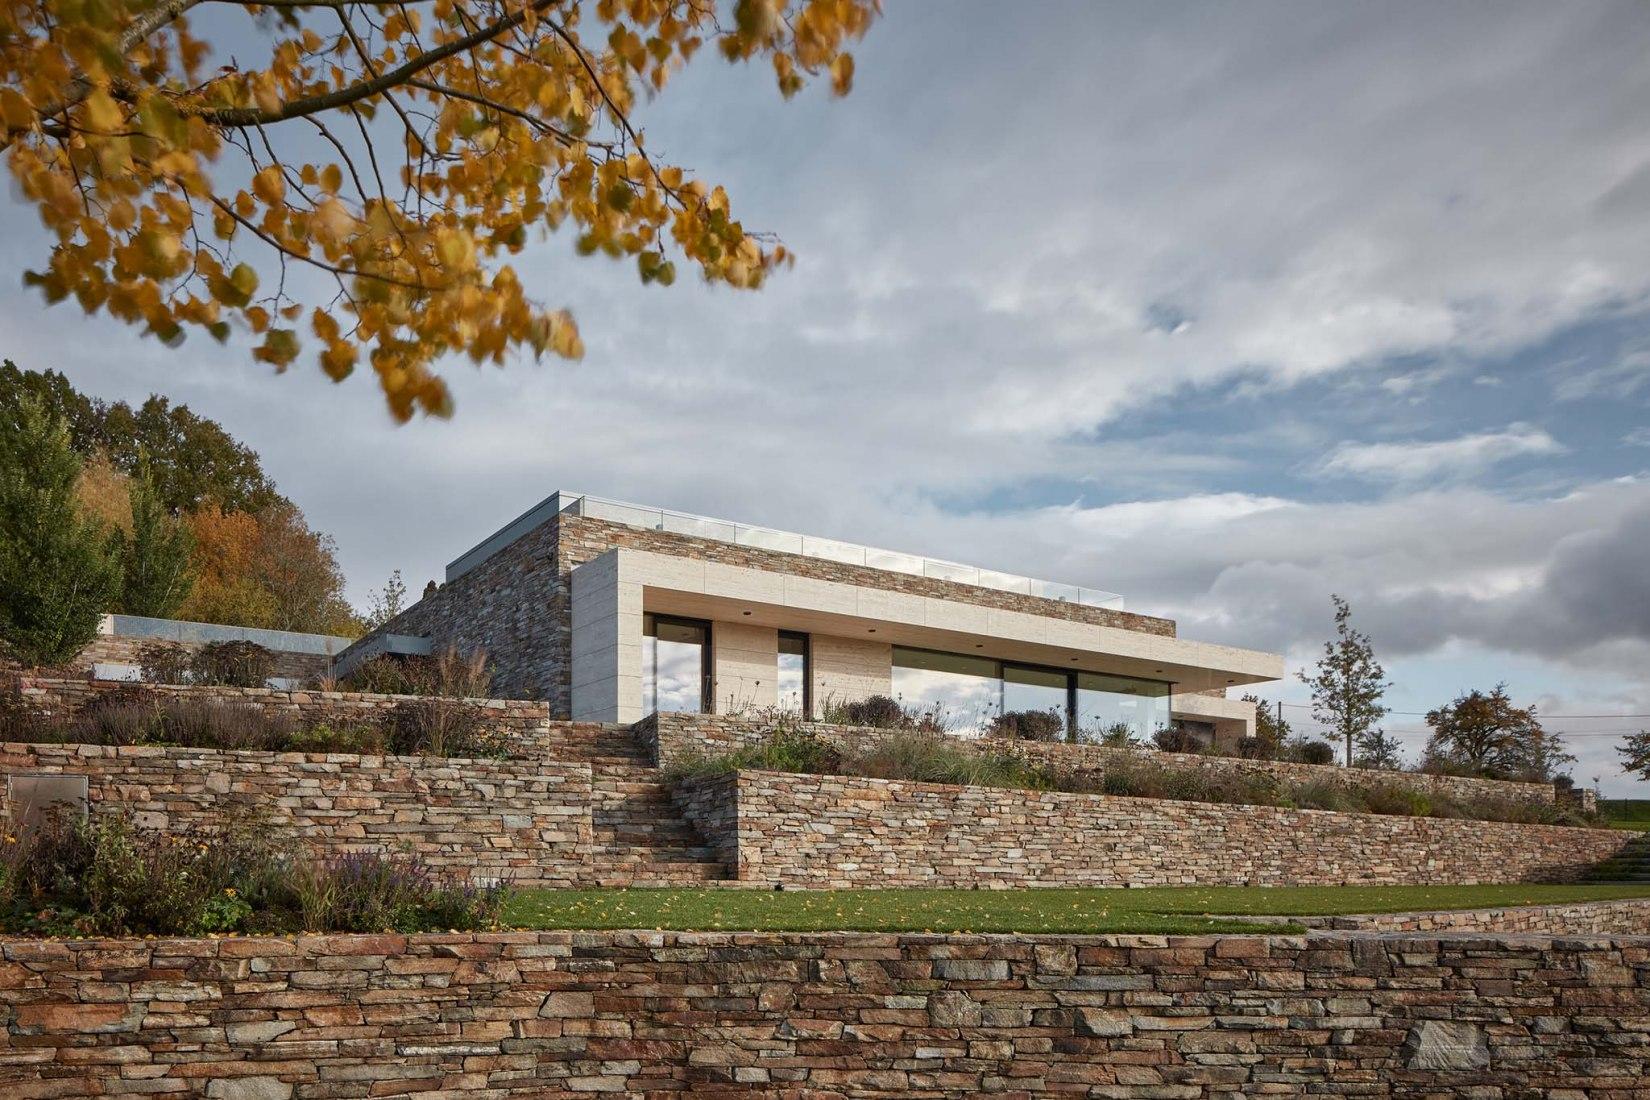 Villa en Vlastibořice por SIAL Architects and Engineers. Fotografía por BoysPlayNice